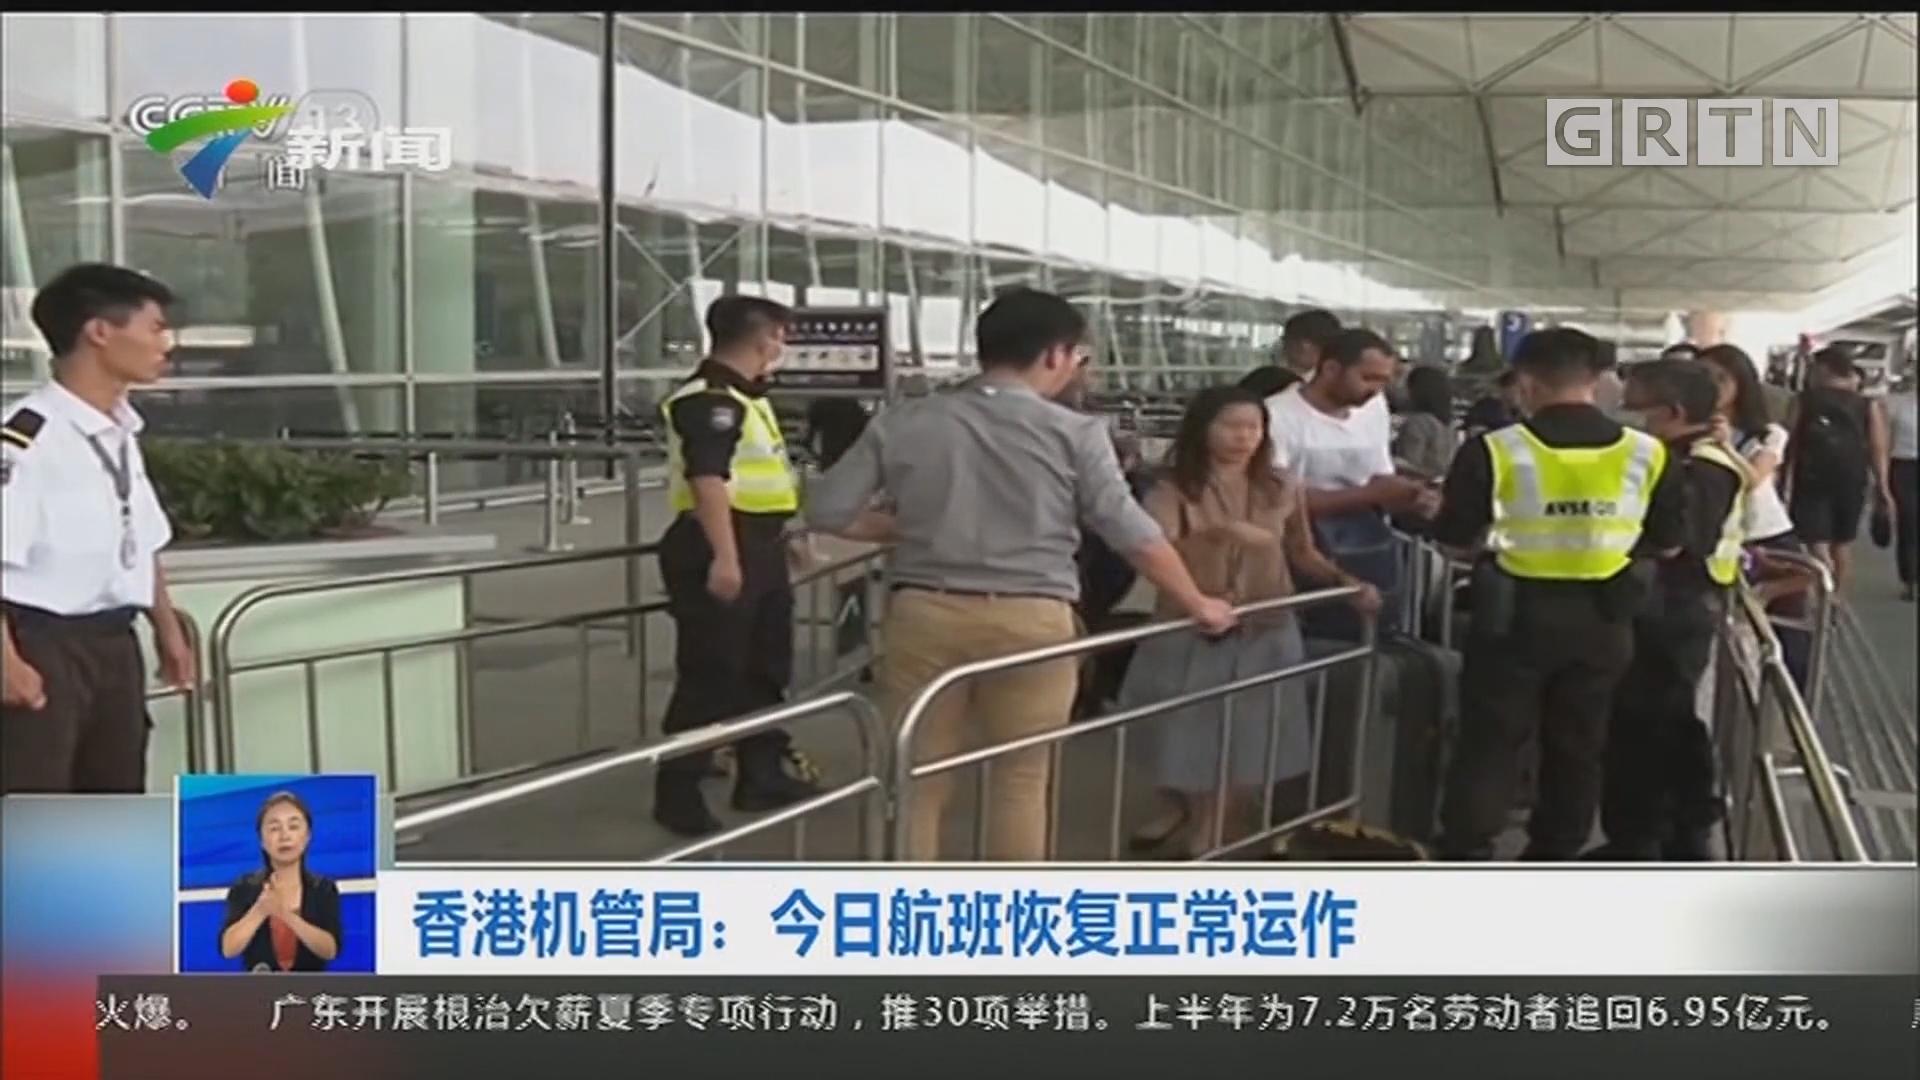 香港机管局:今日航班恢复正常运作